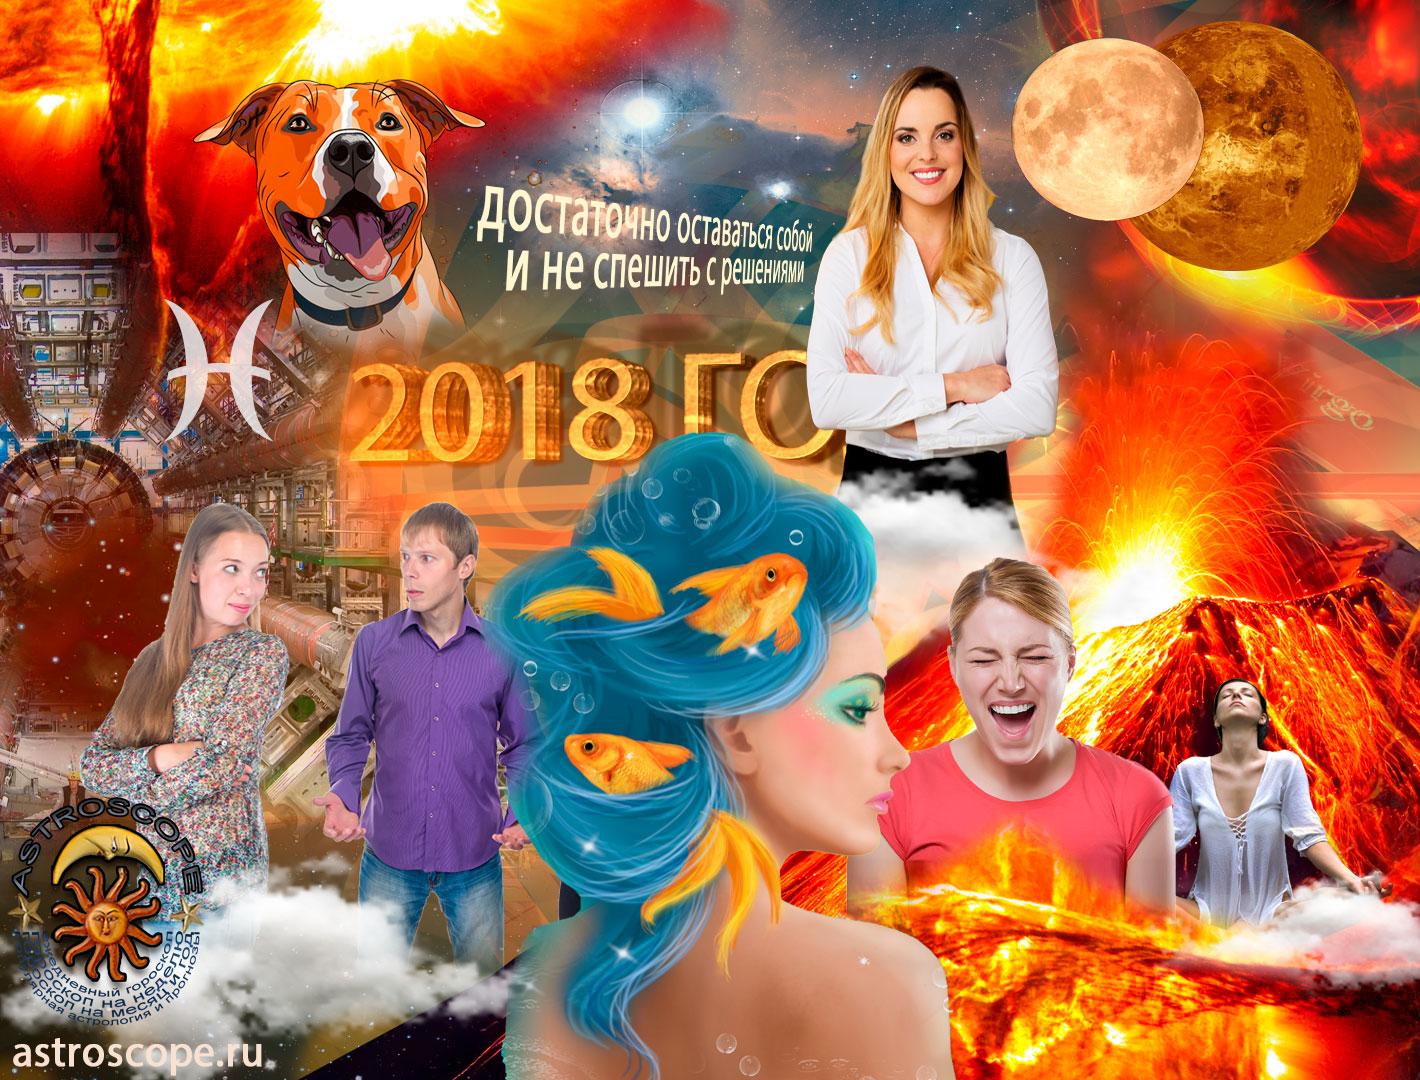 Гороскоп на 2018 Рыбы, что ждёт Рыб в 2018 году